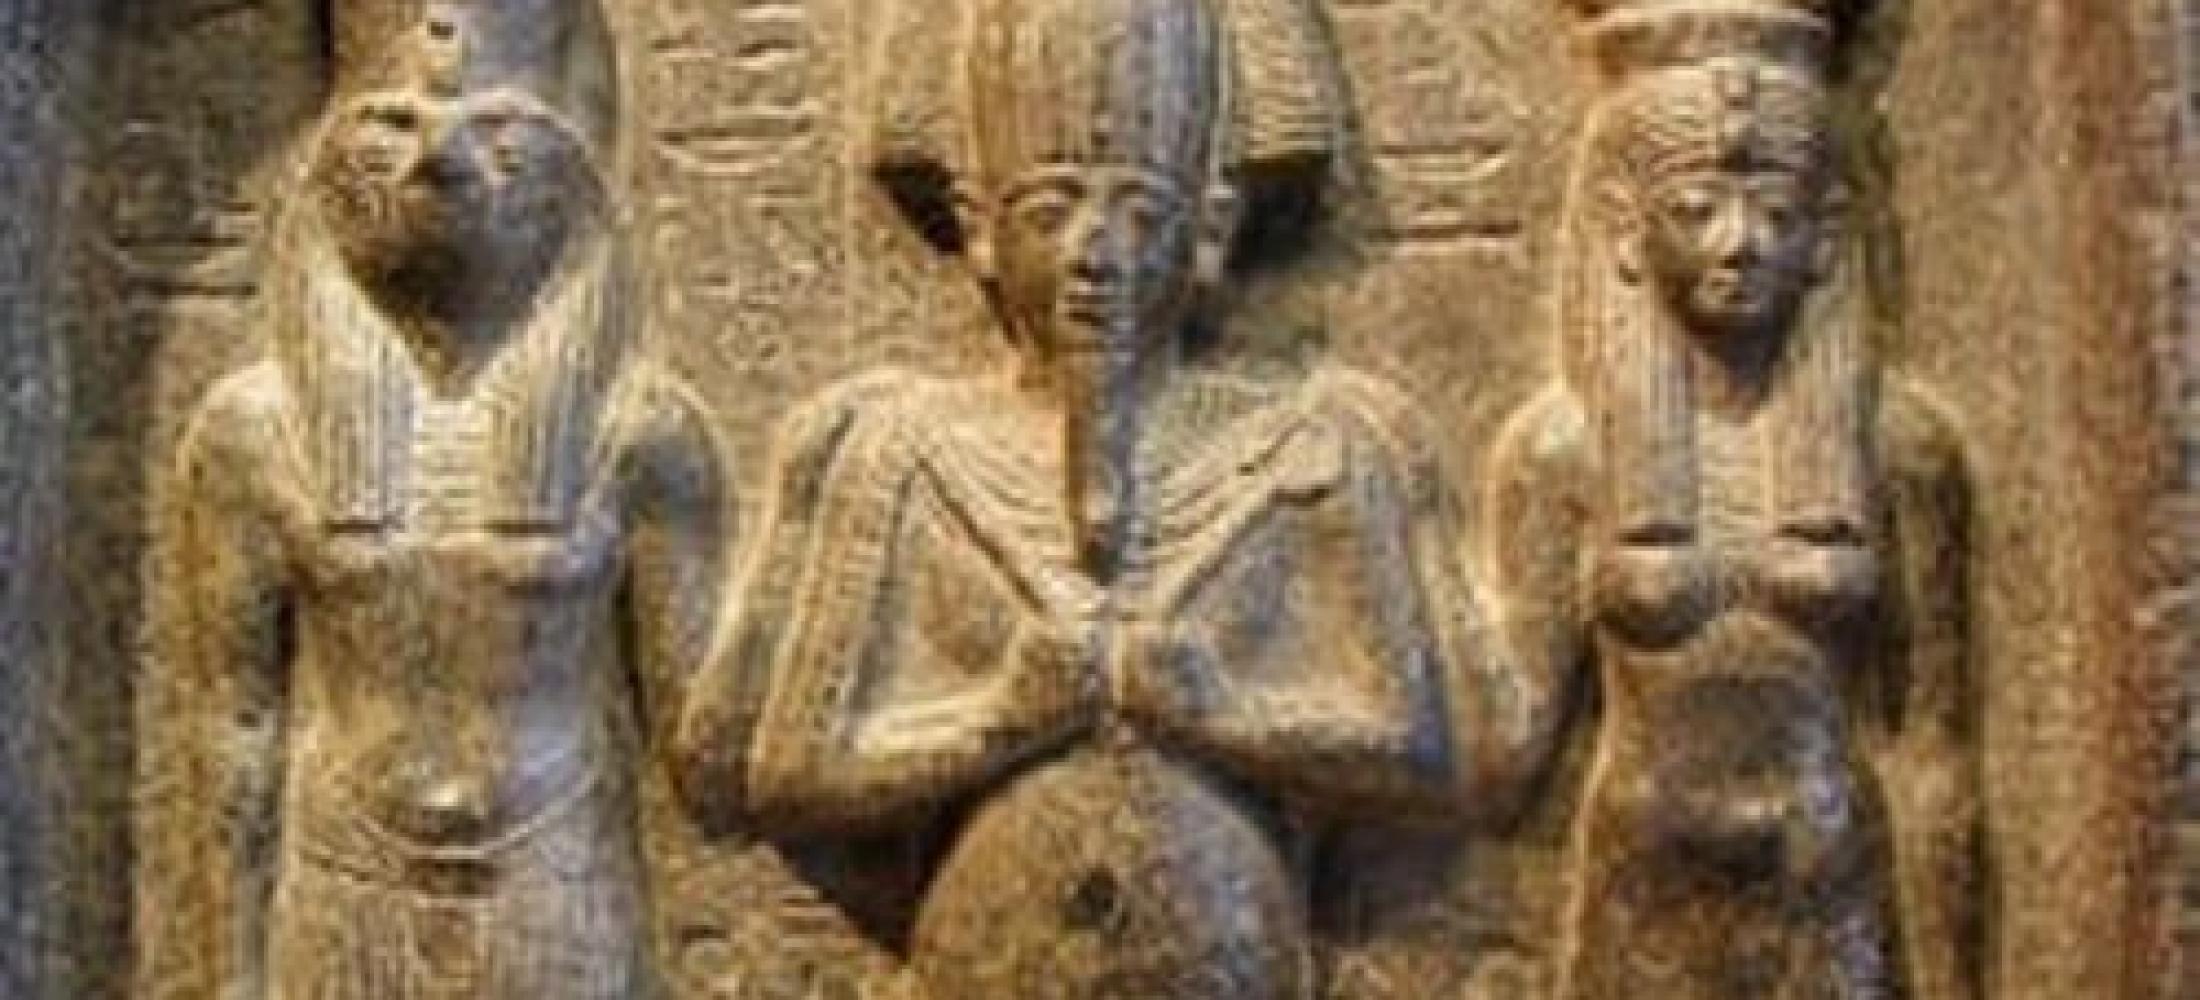 Драконианские культы в Египте